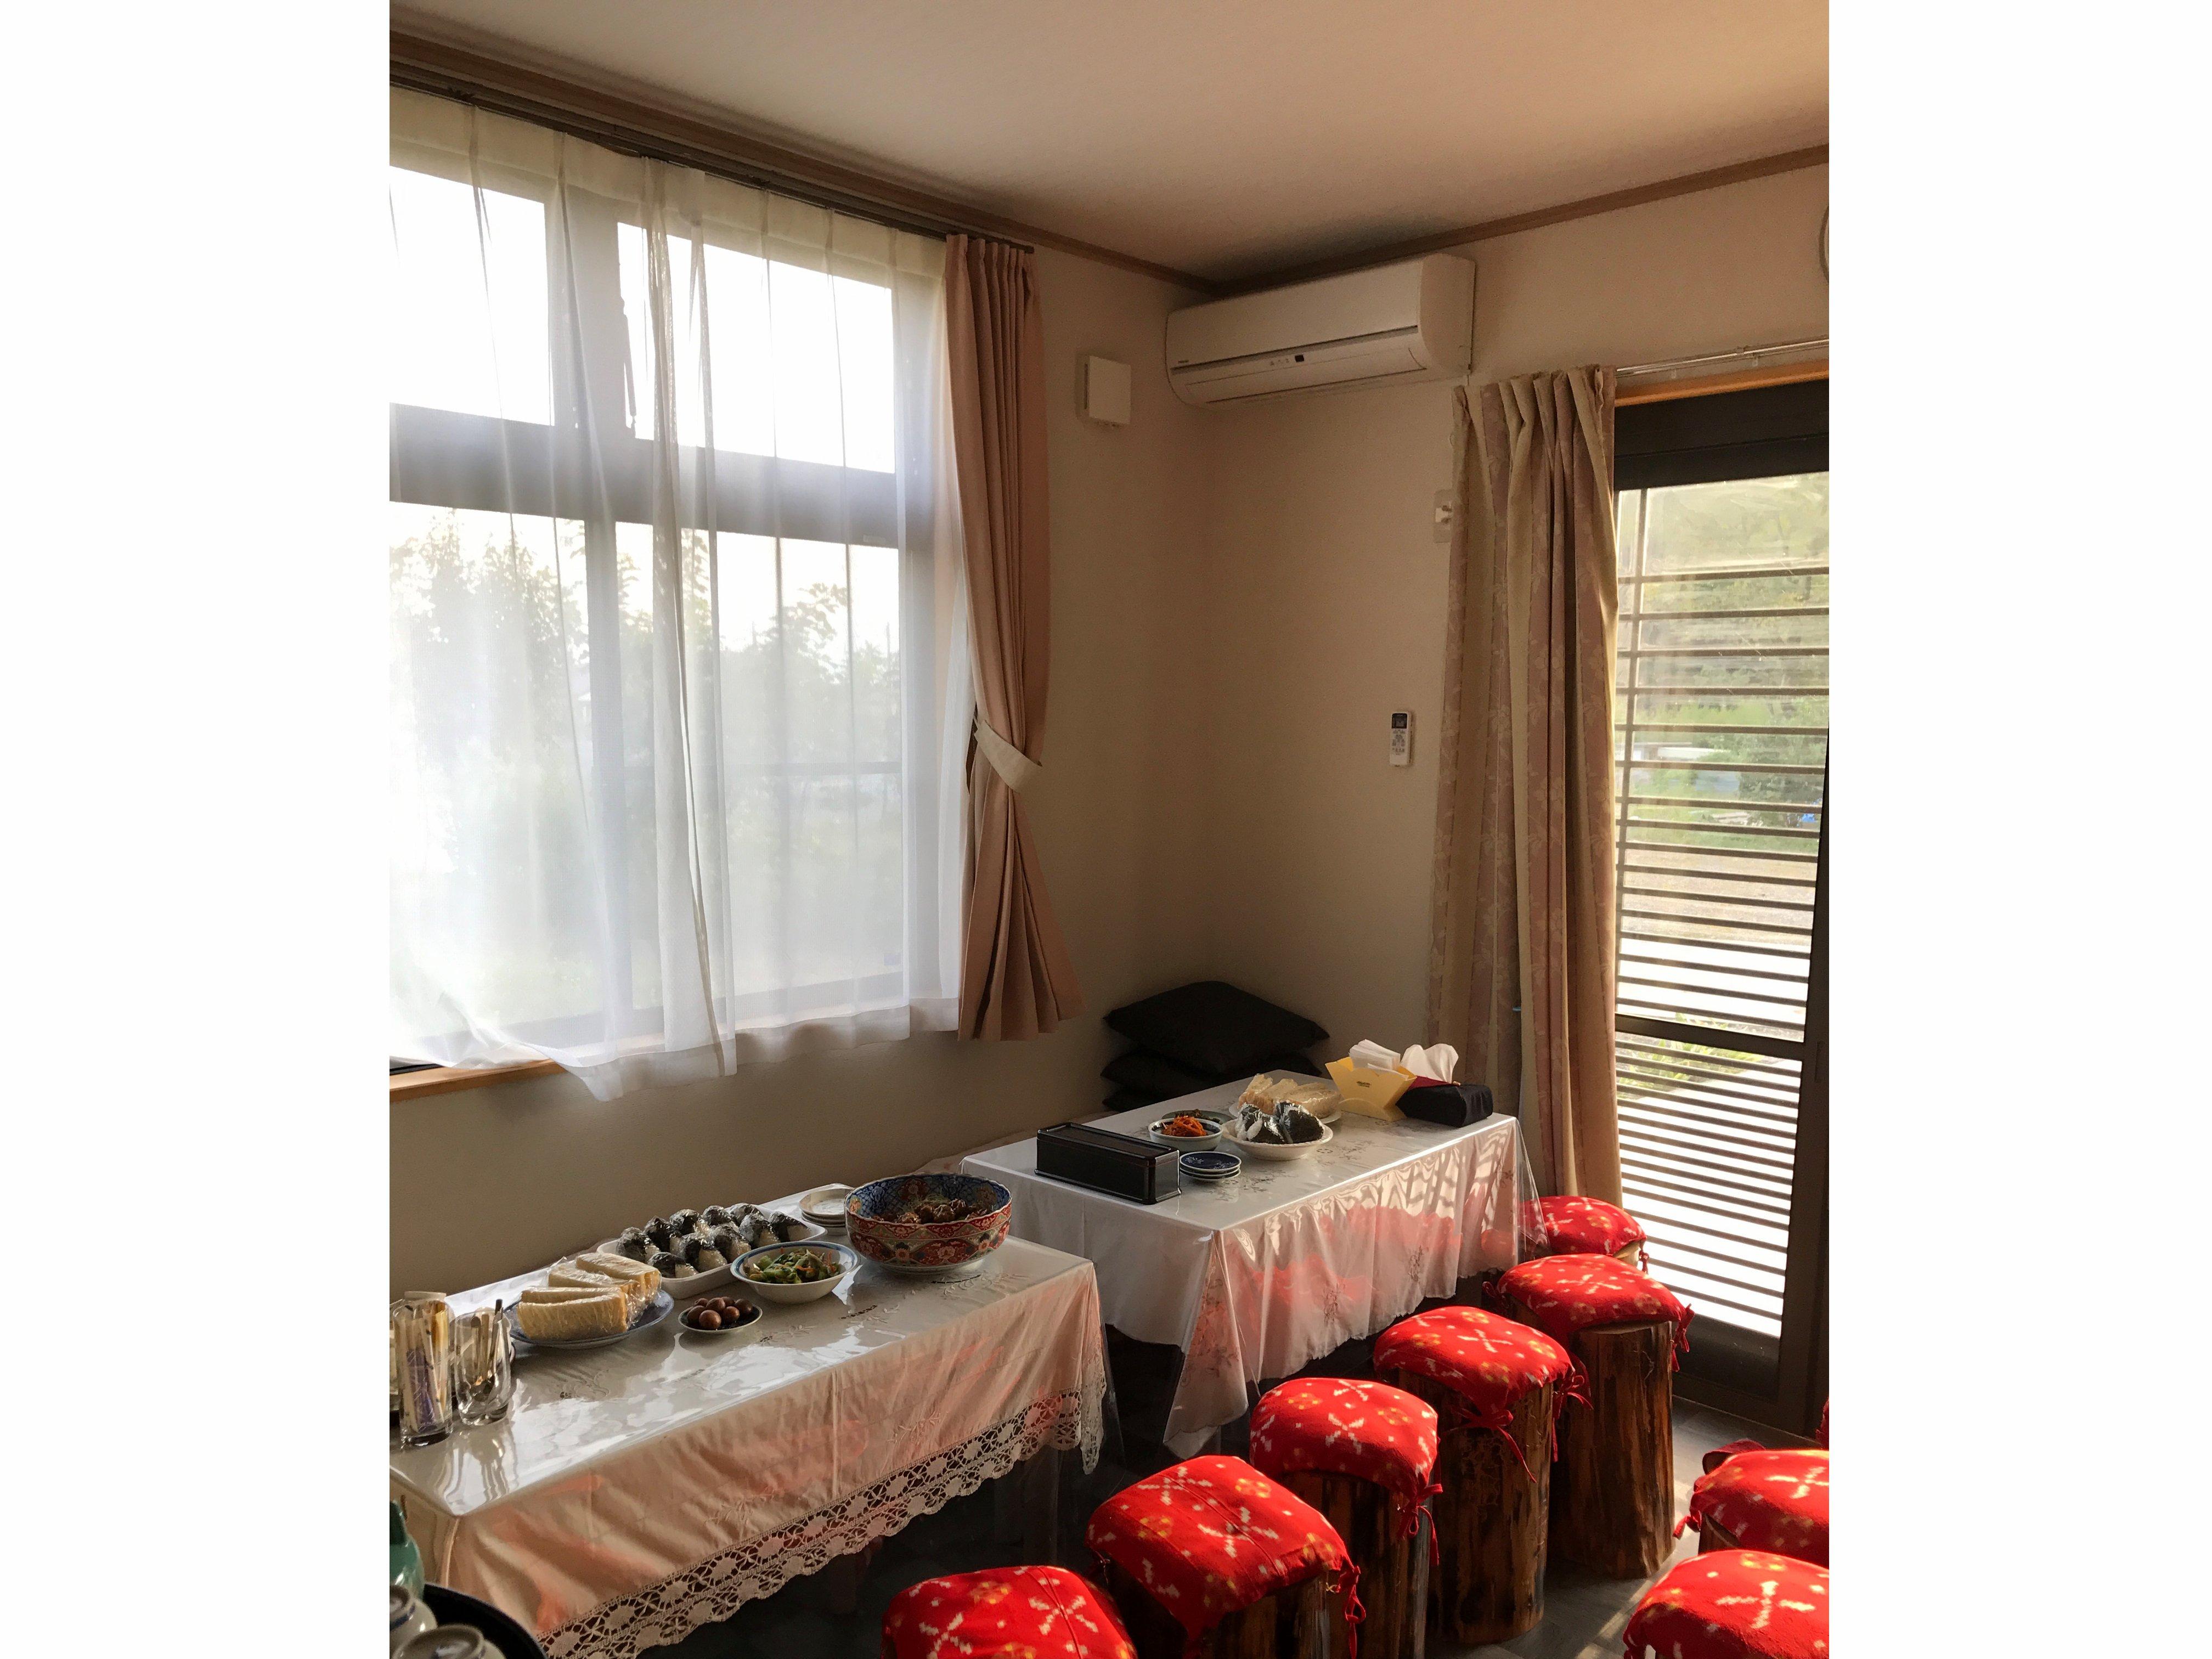 月兎園 スタジオ宿泊 5名(素泊まり)のイメージその4